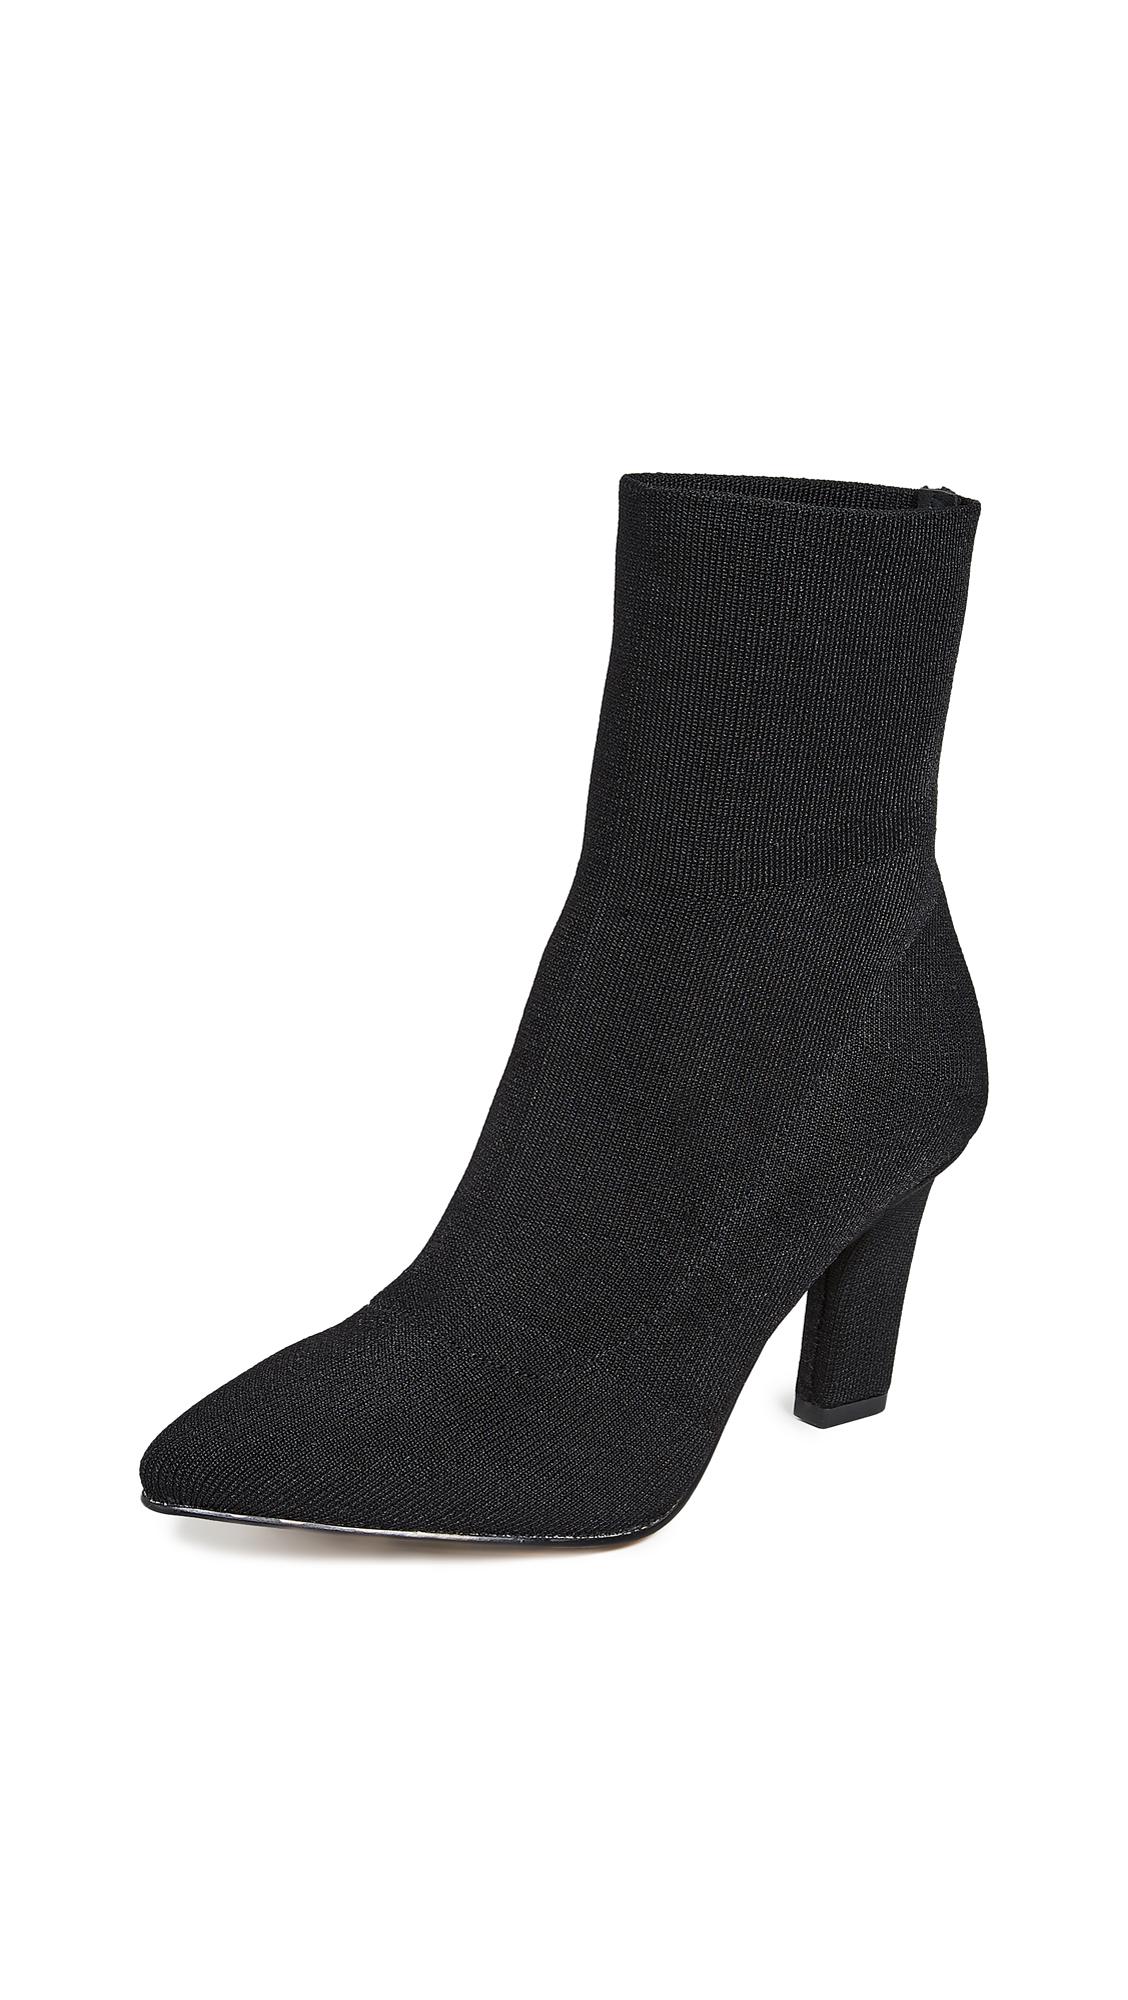 Botkier Nadia Sock Booties - Black